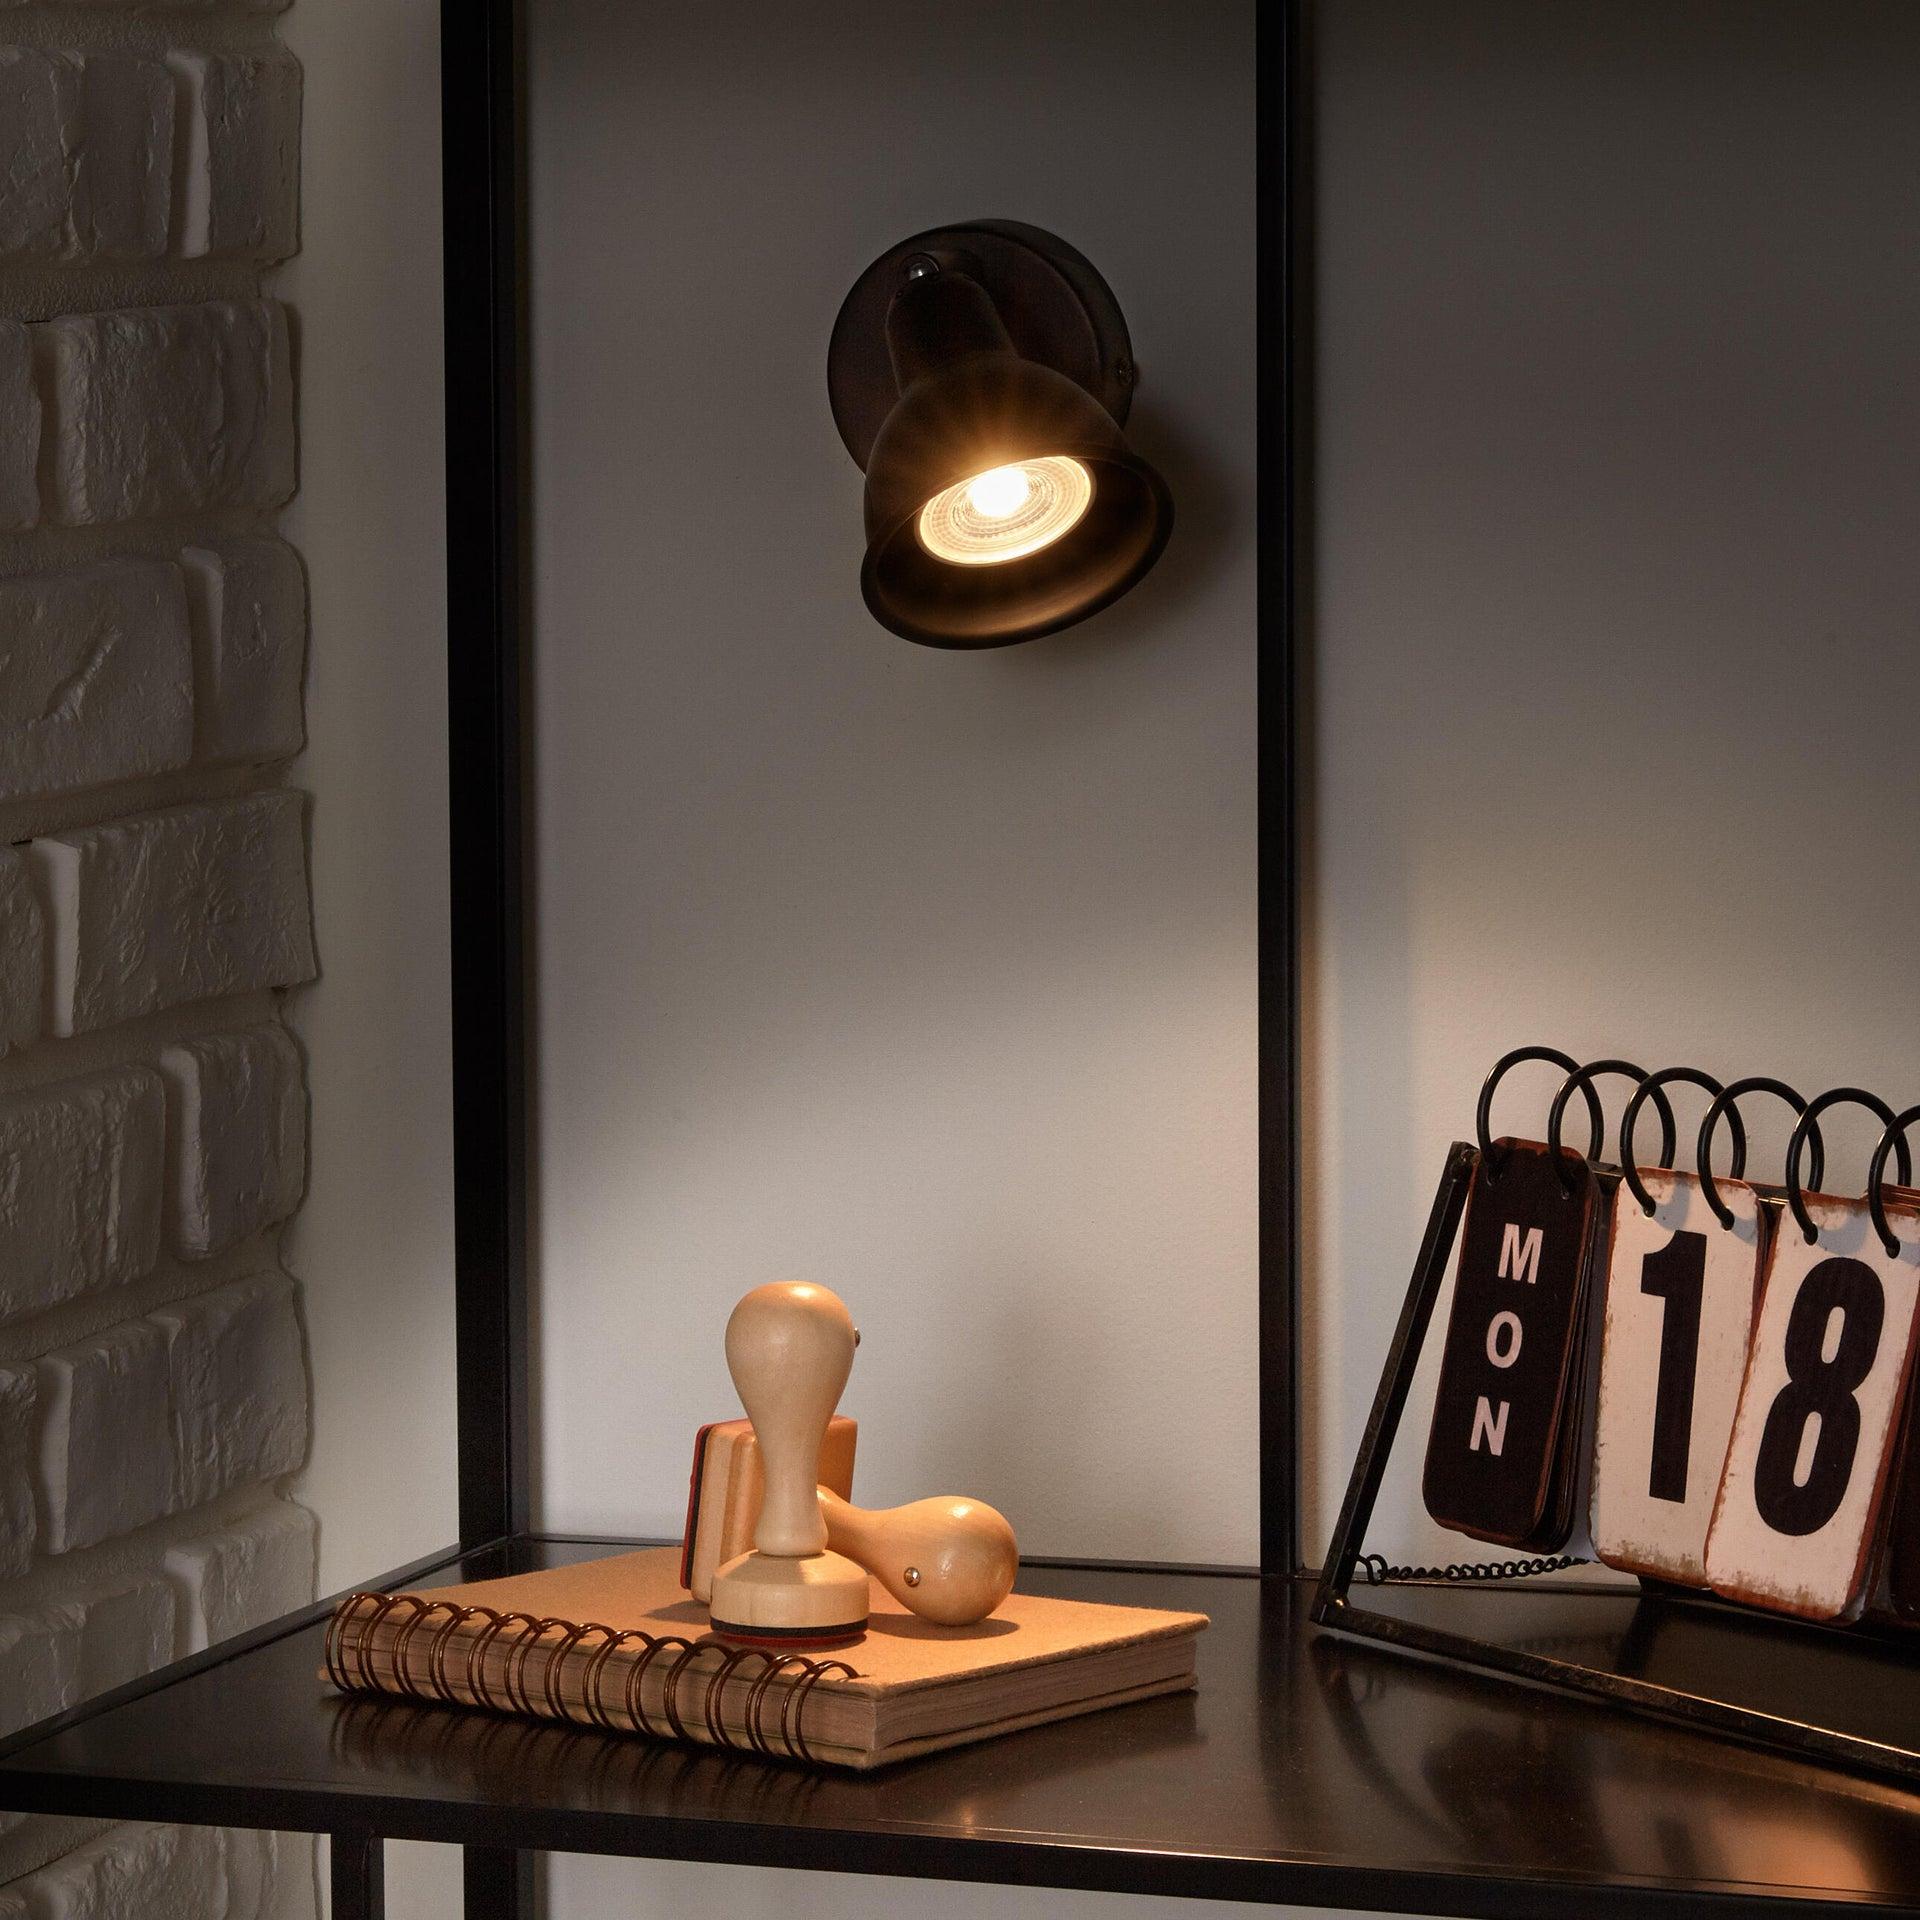 Faretto a muro Rusto ruggine, in metallo, GU10 35W IP20 INSPIRE - 2